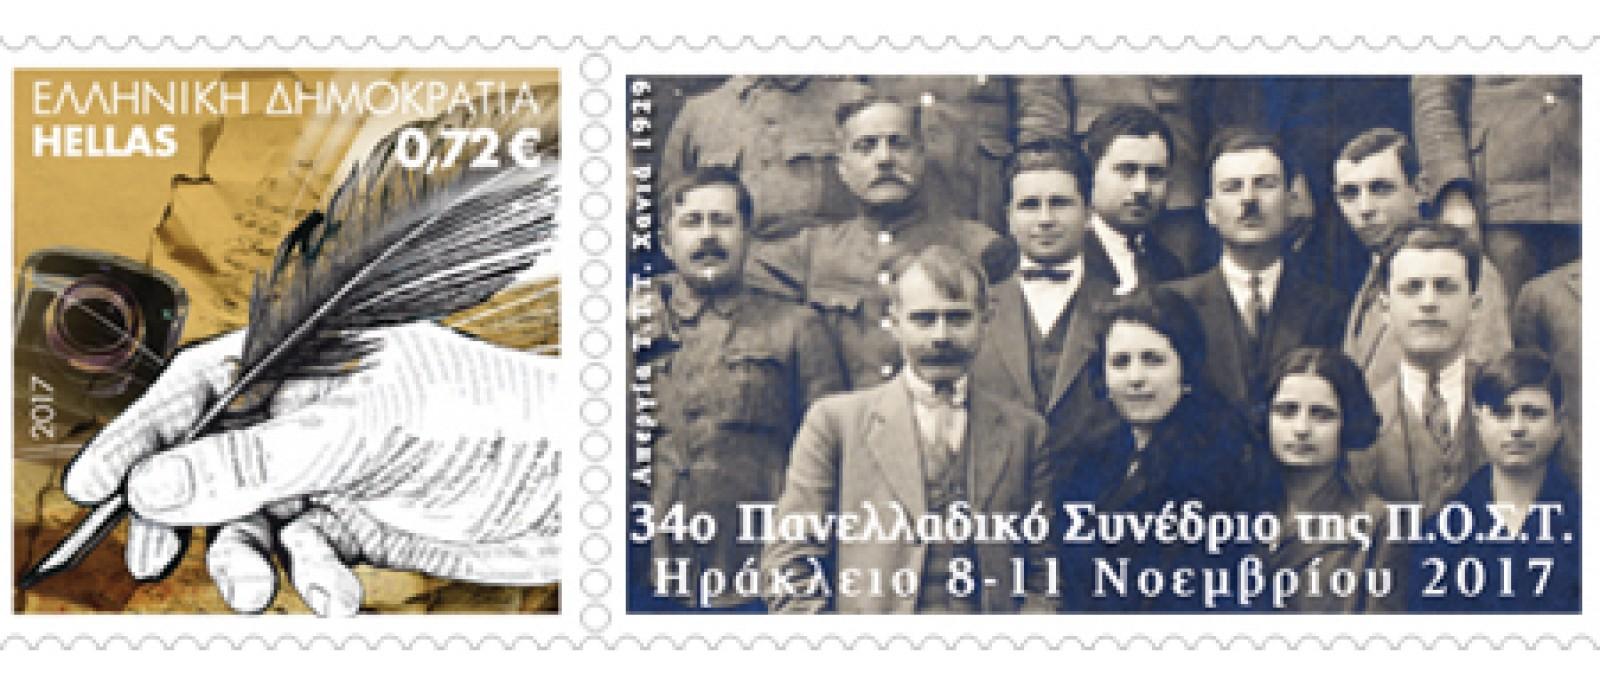 34ο Πανελλαδικό Συνέδριο της Πανελλήνιας Ομοσπονδίας Σωματείων Ταχυδρομικών ΠΟΣΤ